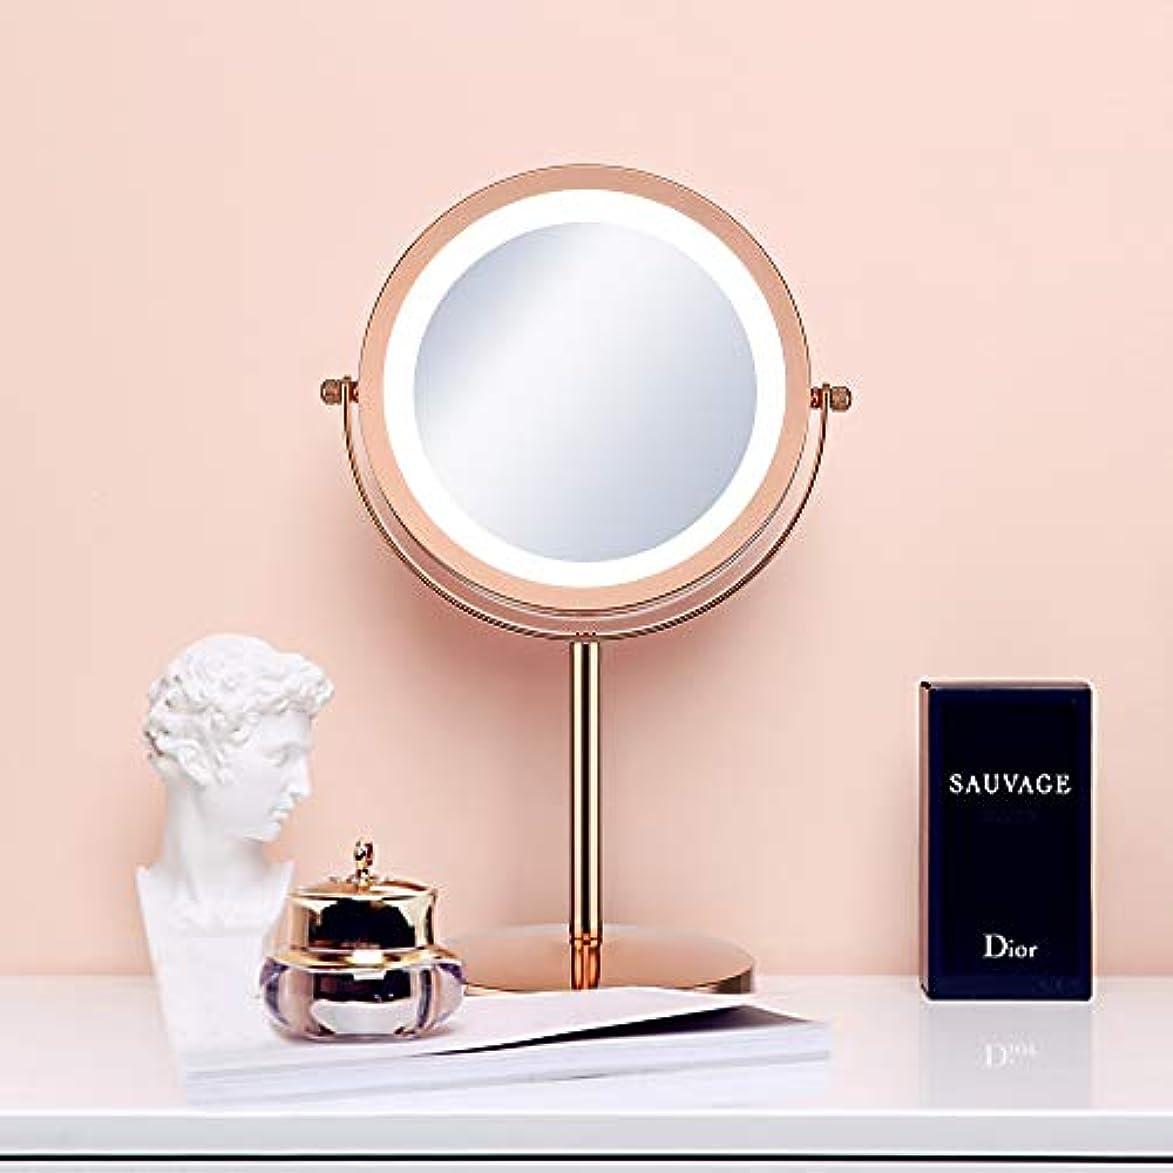 ギャザー暗唱するインレイ(セーディコ)Cerdeco 西洋風卓上鏡DX レトロなゴールド LEDライト付き 5倍拡大率 両面化粧鏡 スタンドミラー 鏡面φ178mm T710G